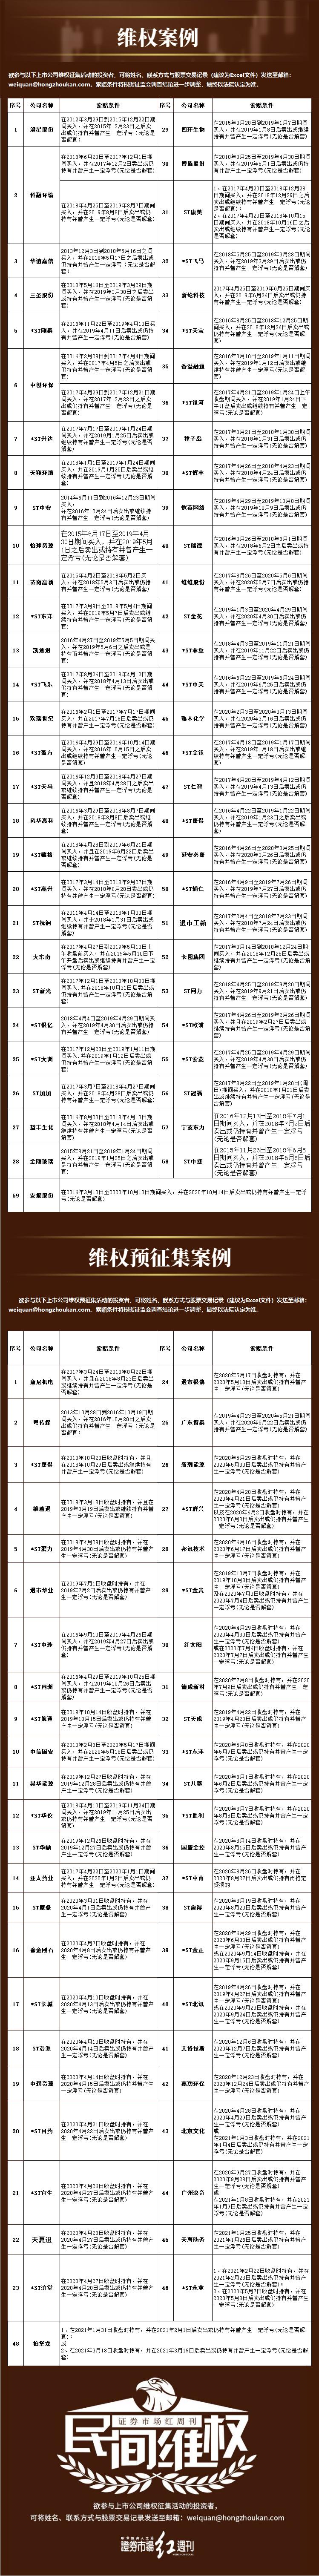 民间维权 | 延安必康:涉诉金额合计近9200万元